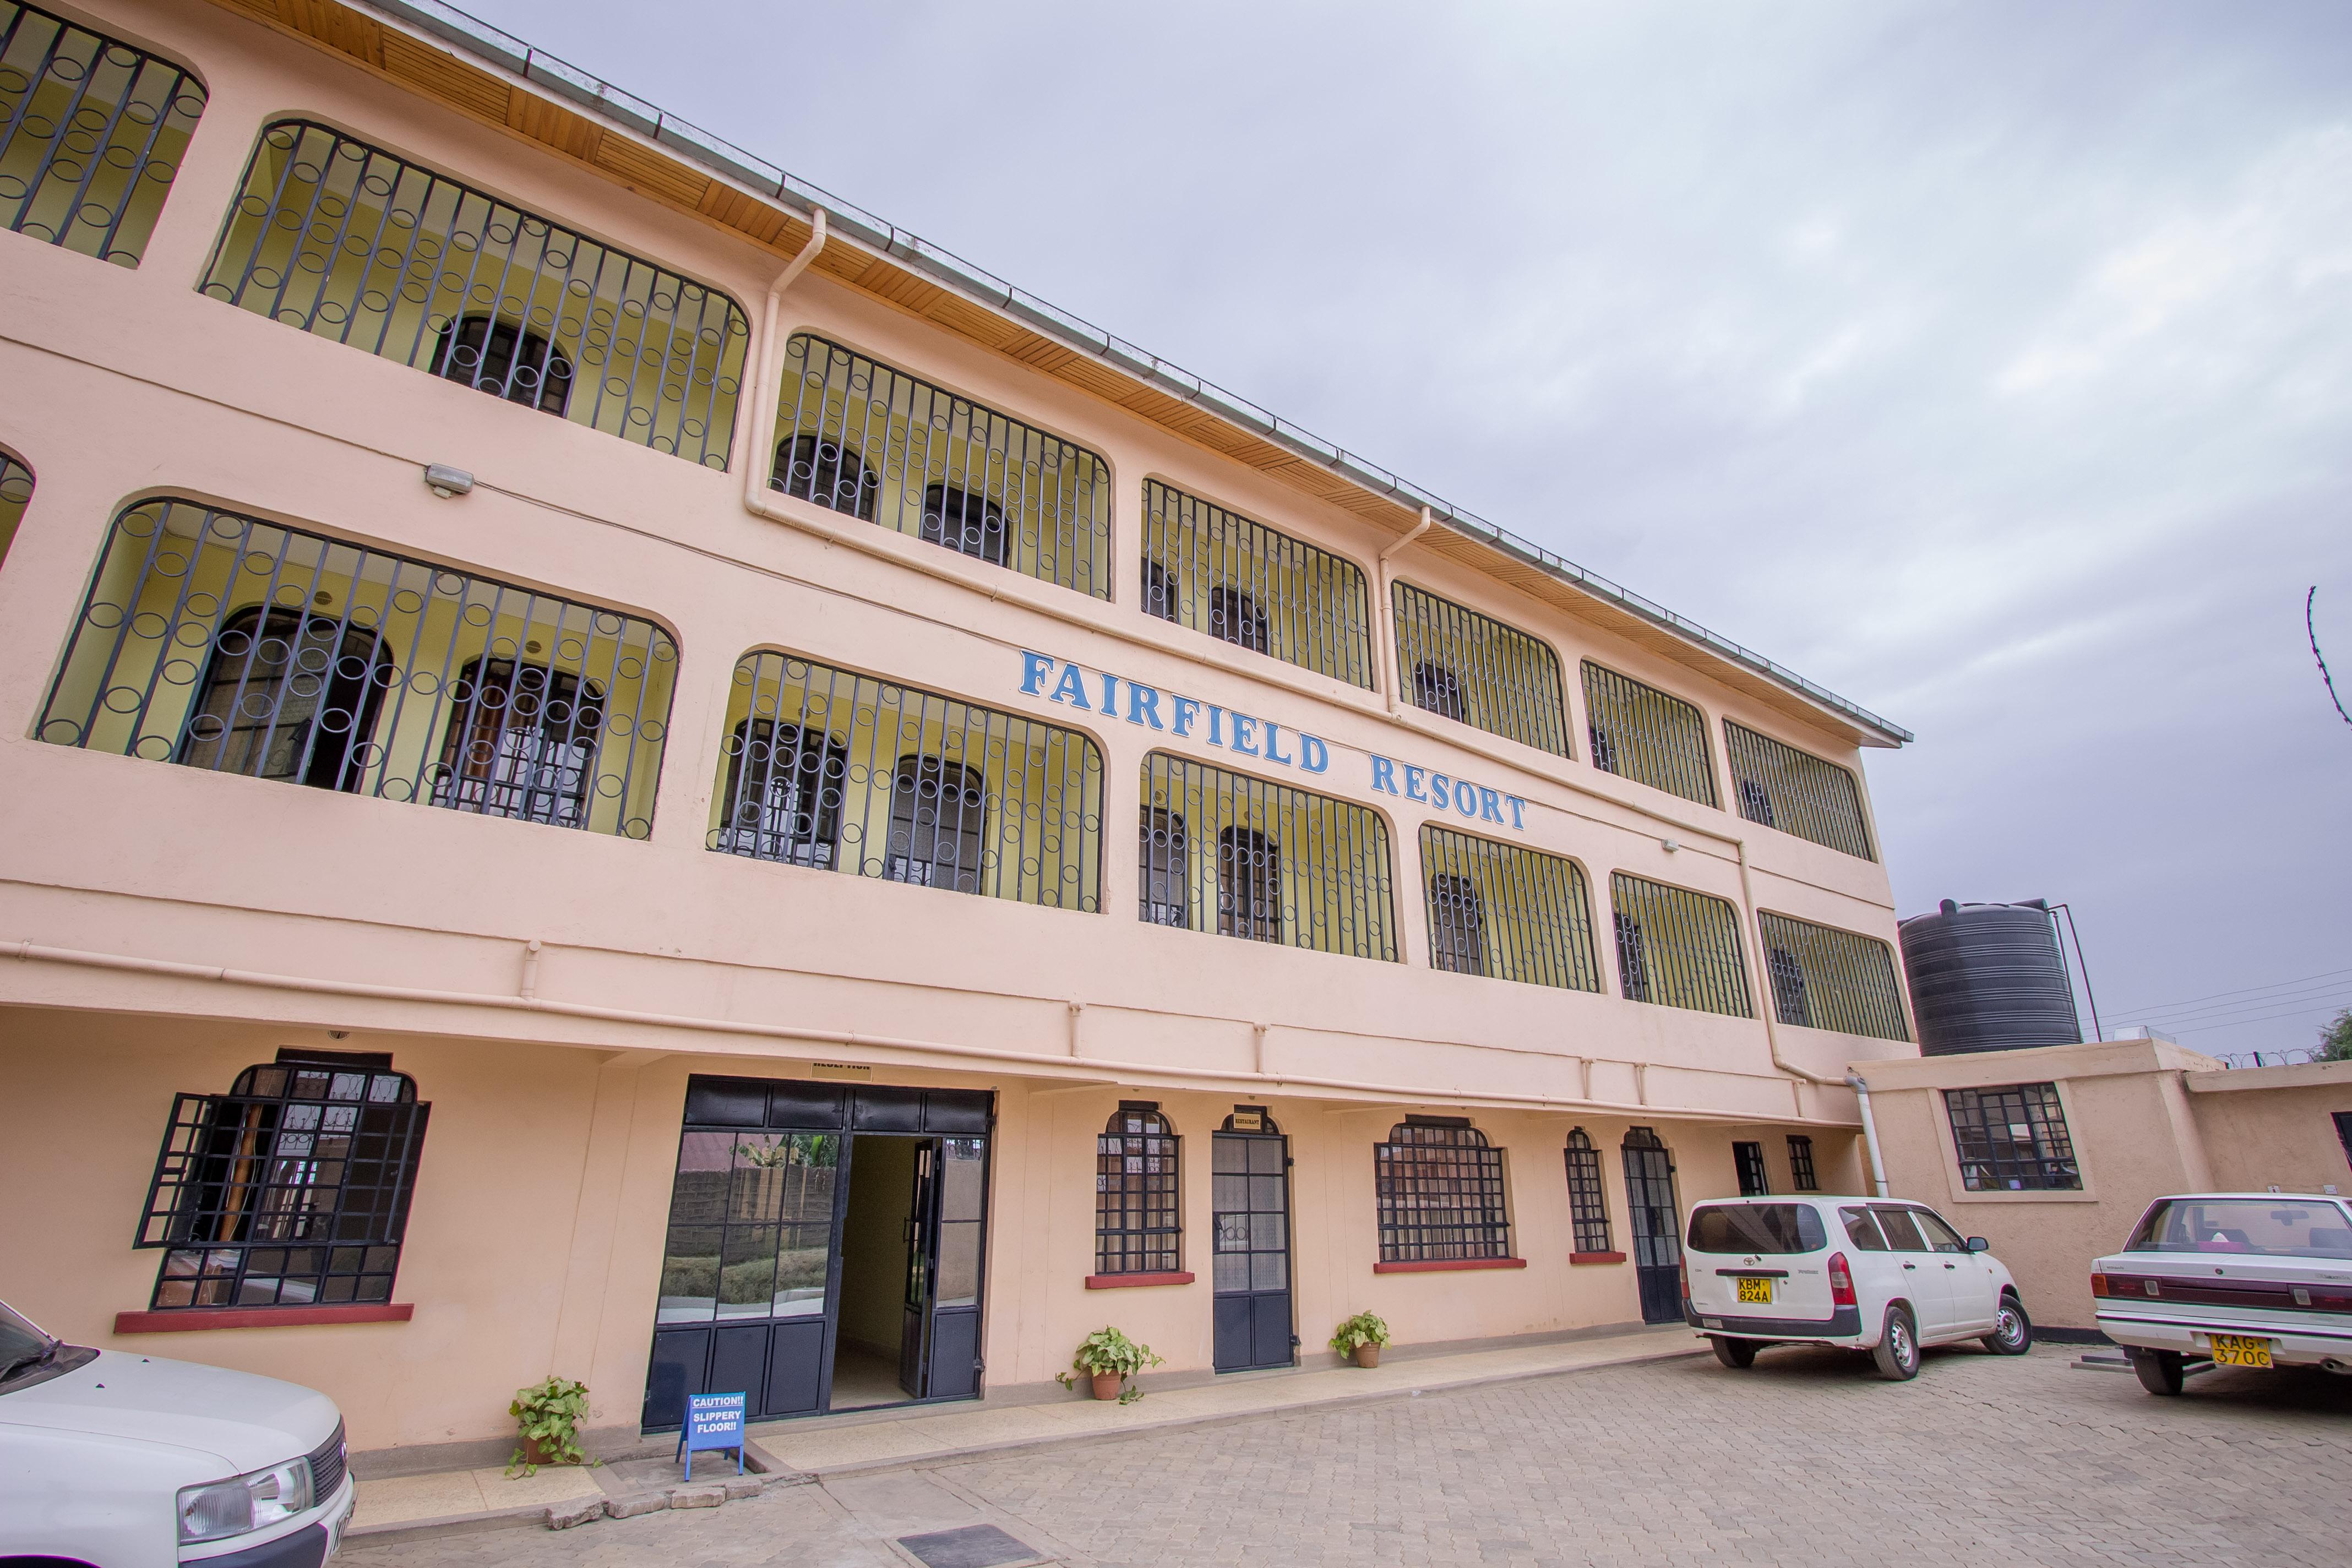 Fairfield Resort, Nakuru Town East